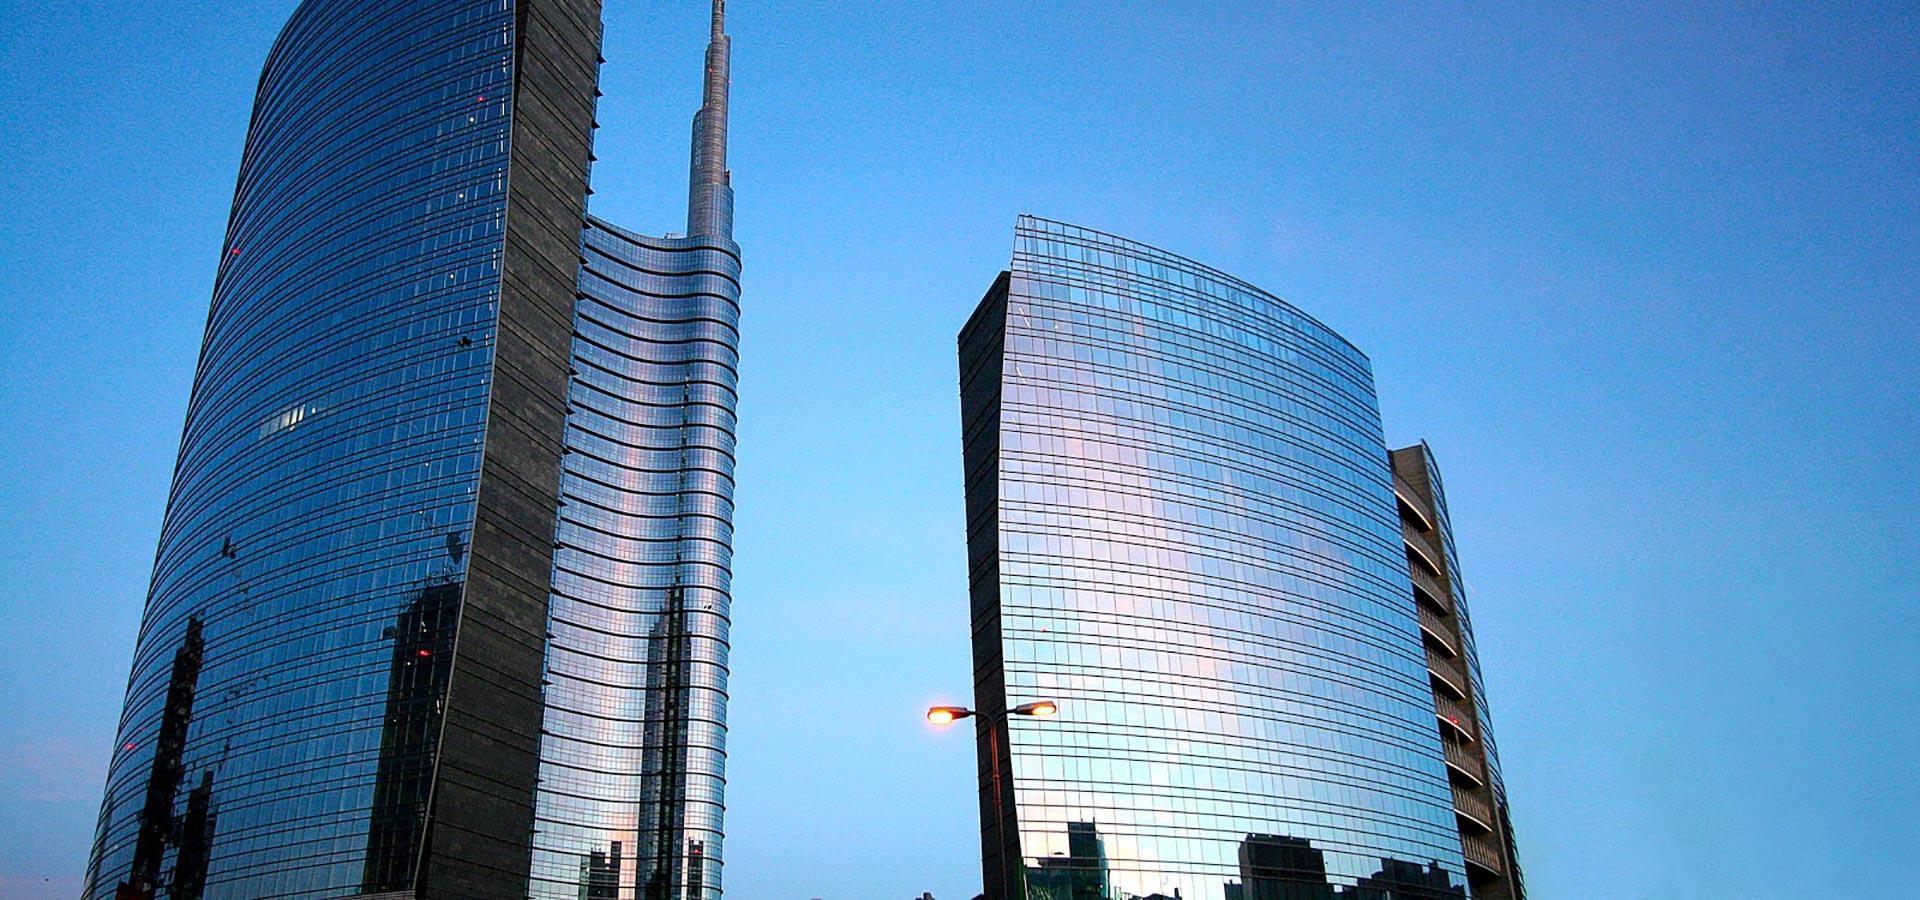 Foto dei Grattacieli Porta Nuova a Milano